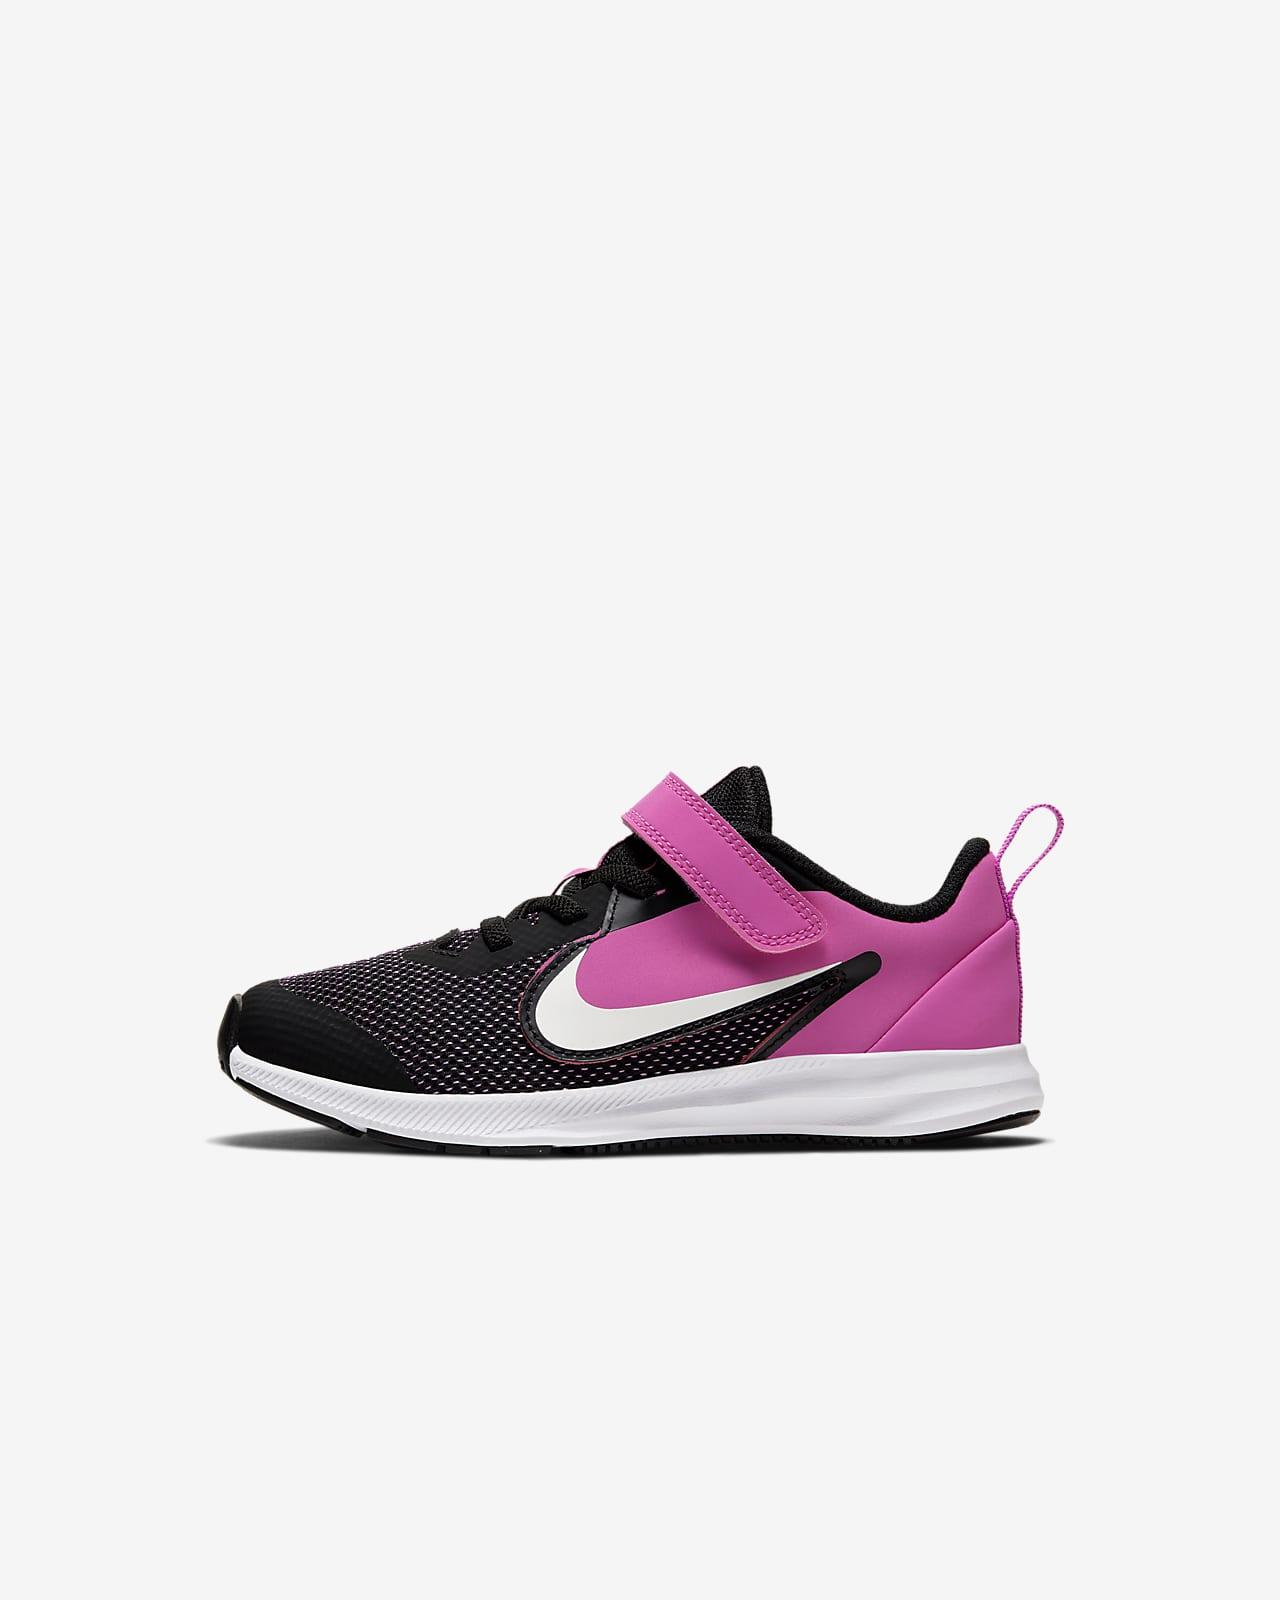 Nike Downshifter 9 Schuh für jüngere Kinder